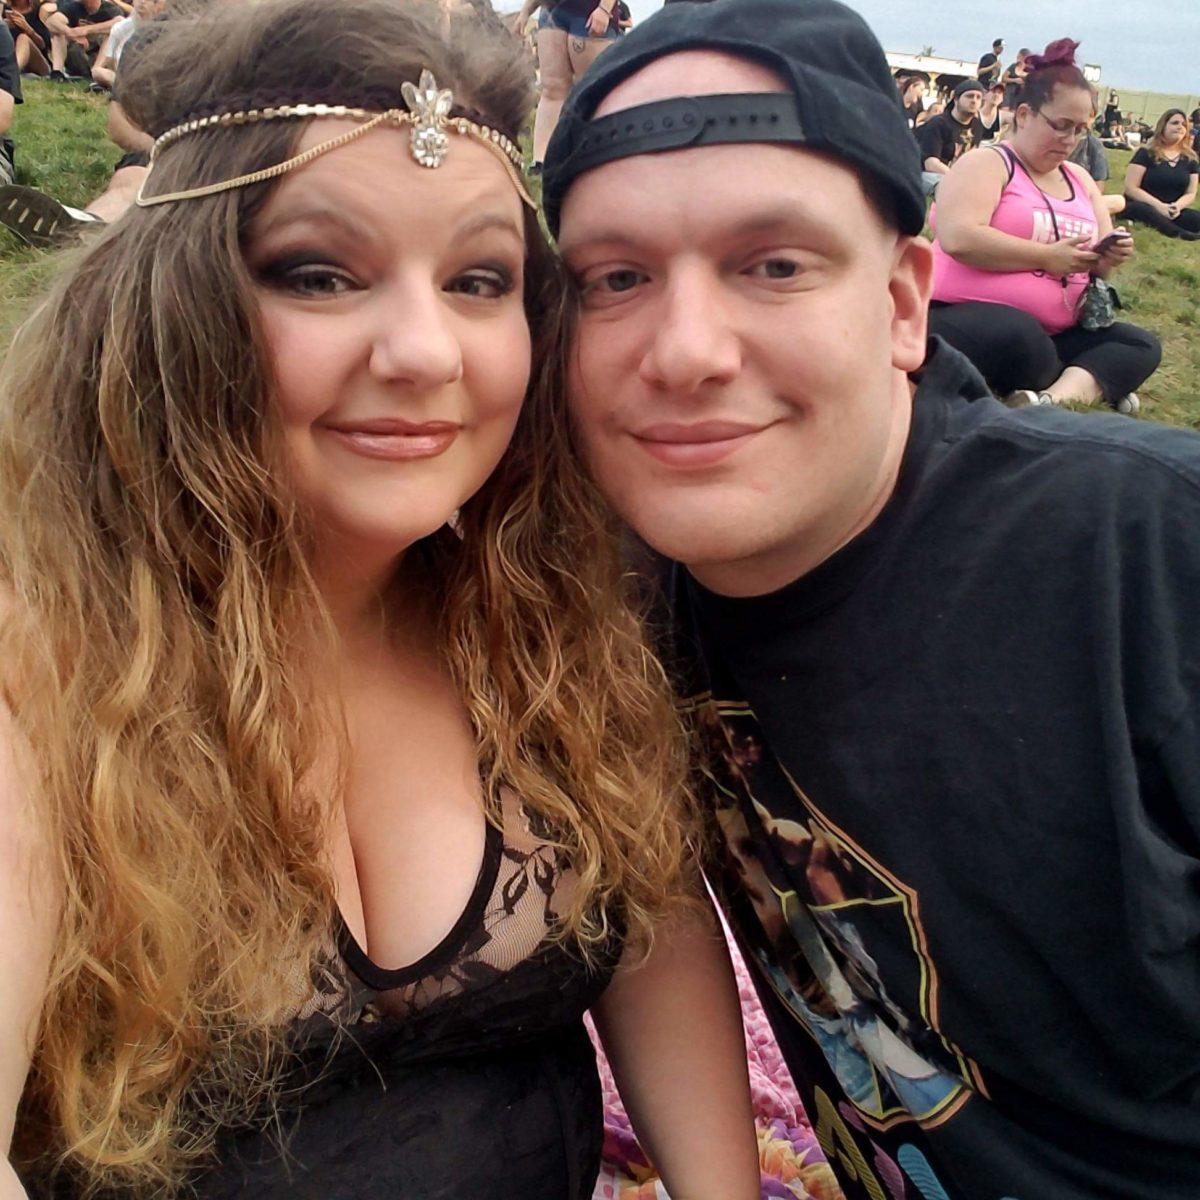 Dan and Amanda